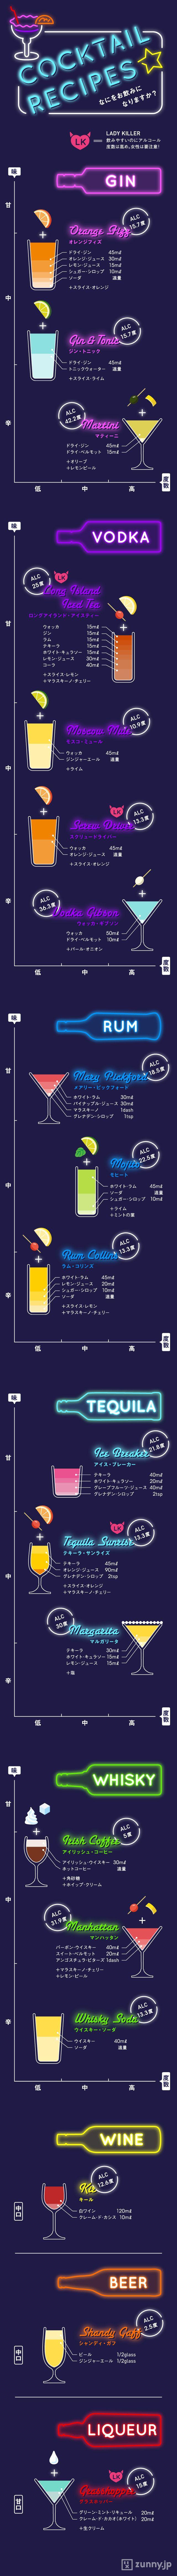 飲みやすさと度数で分類! 定番カクテル早見表 | ZUNNY インフォグラフィック・ニュース